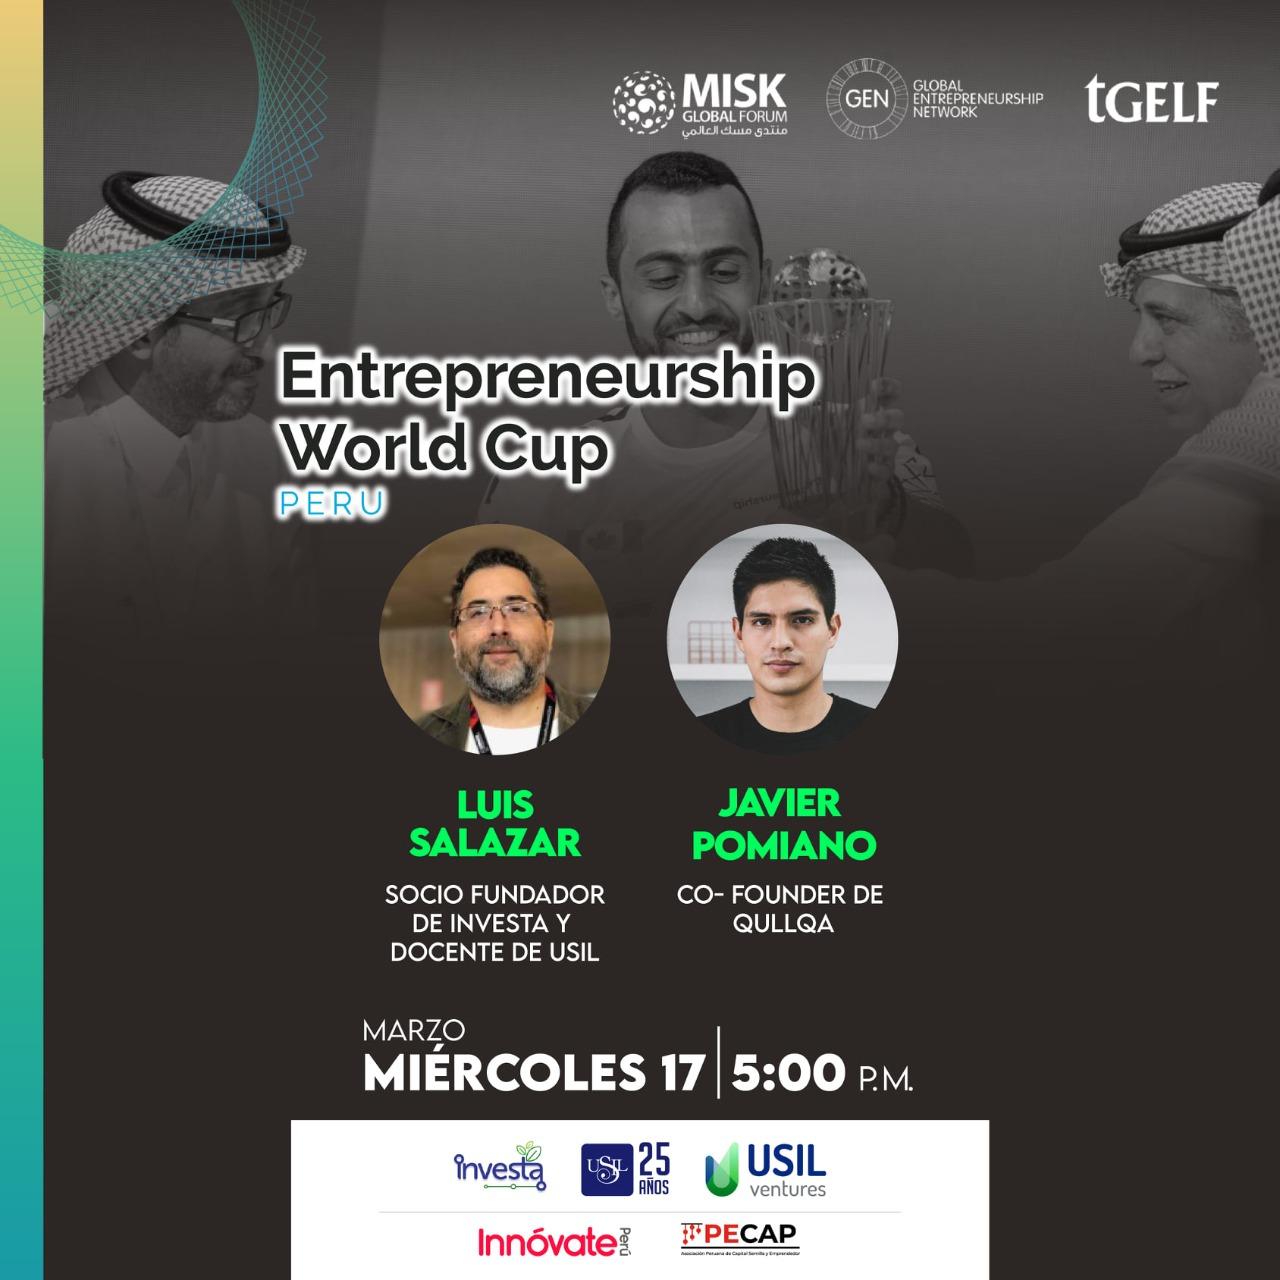 Entrepreneurship World Cup 2021 para emprendedores peruanos